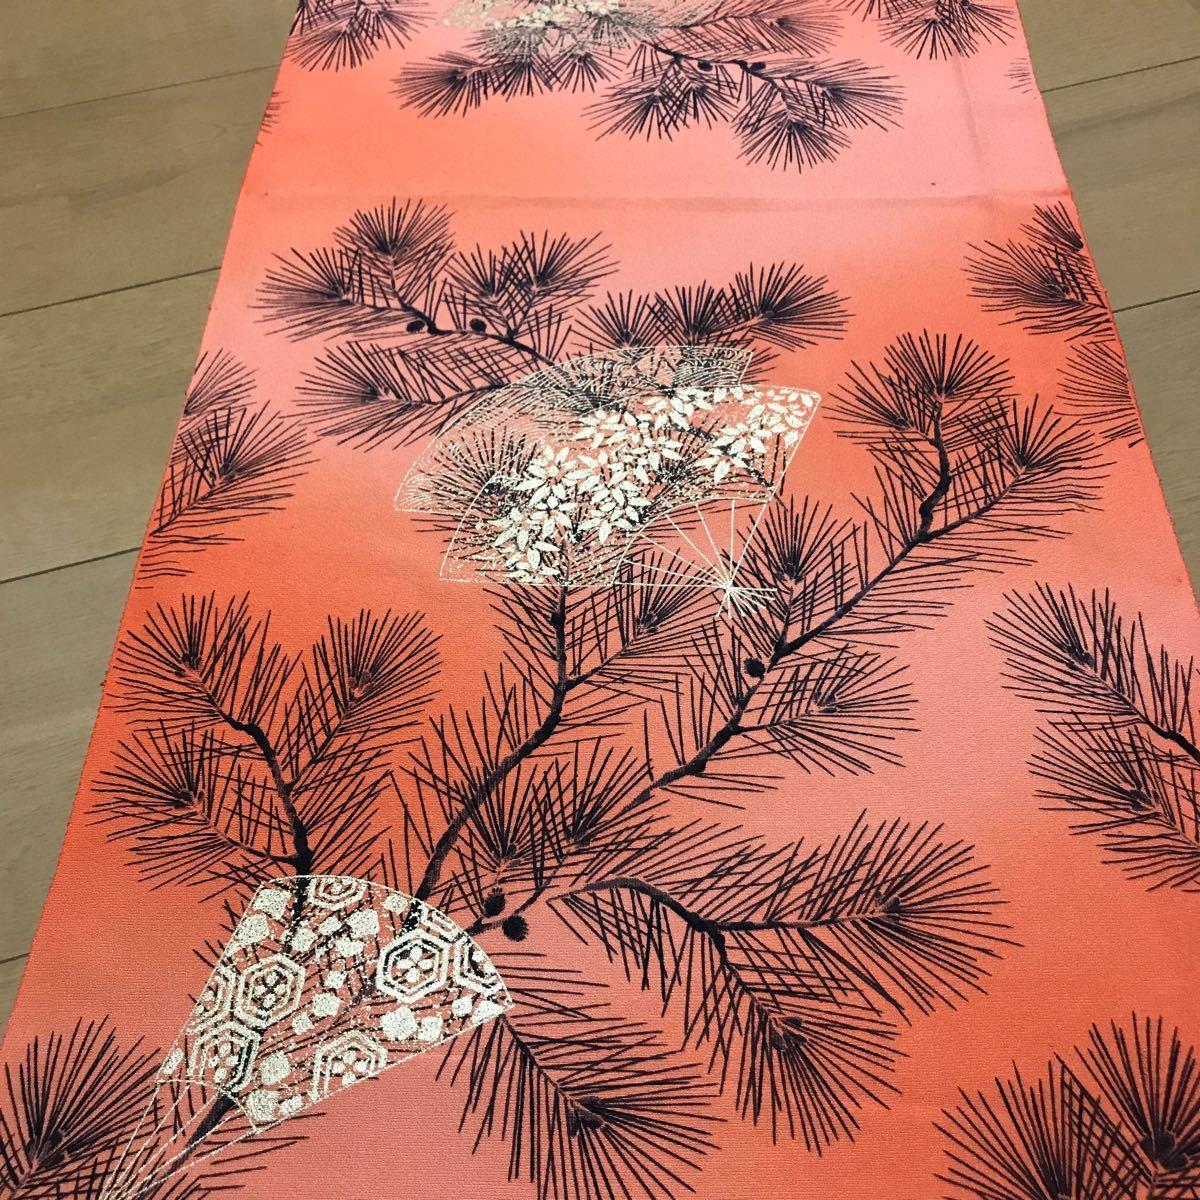 ★着物ハギレ 松扇金彩ぼかし 橙★ 126 古布 アンティーク ちりめん パッチワーク 正絹 はぎれ